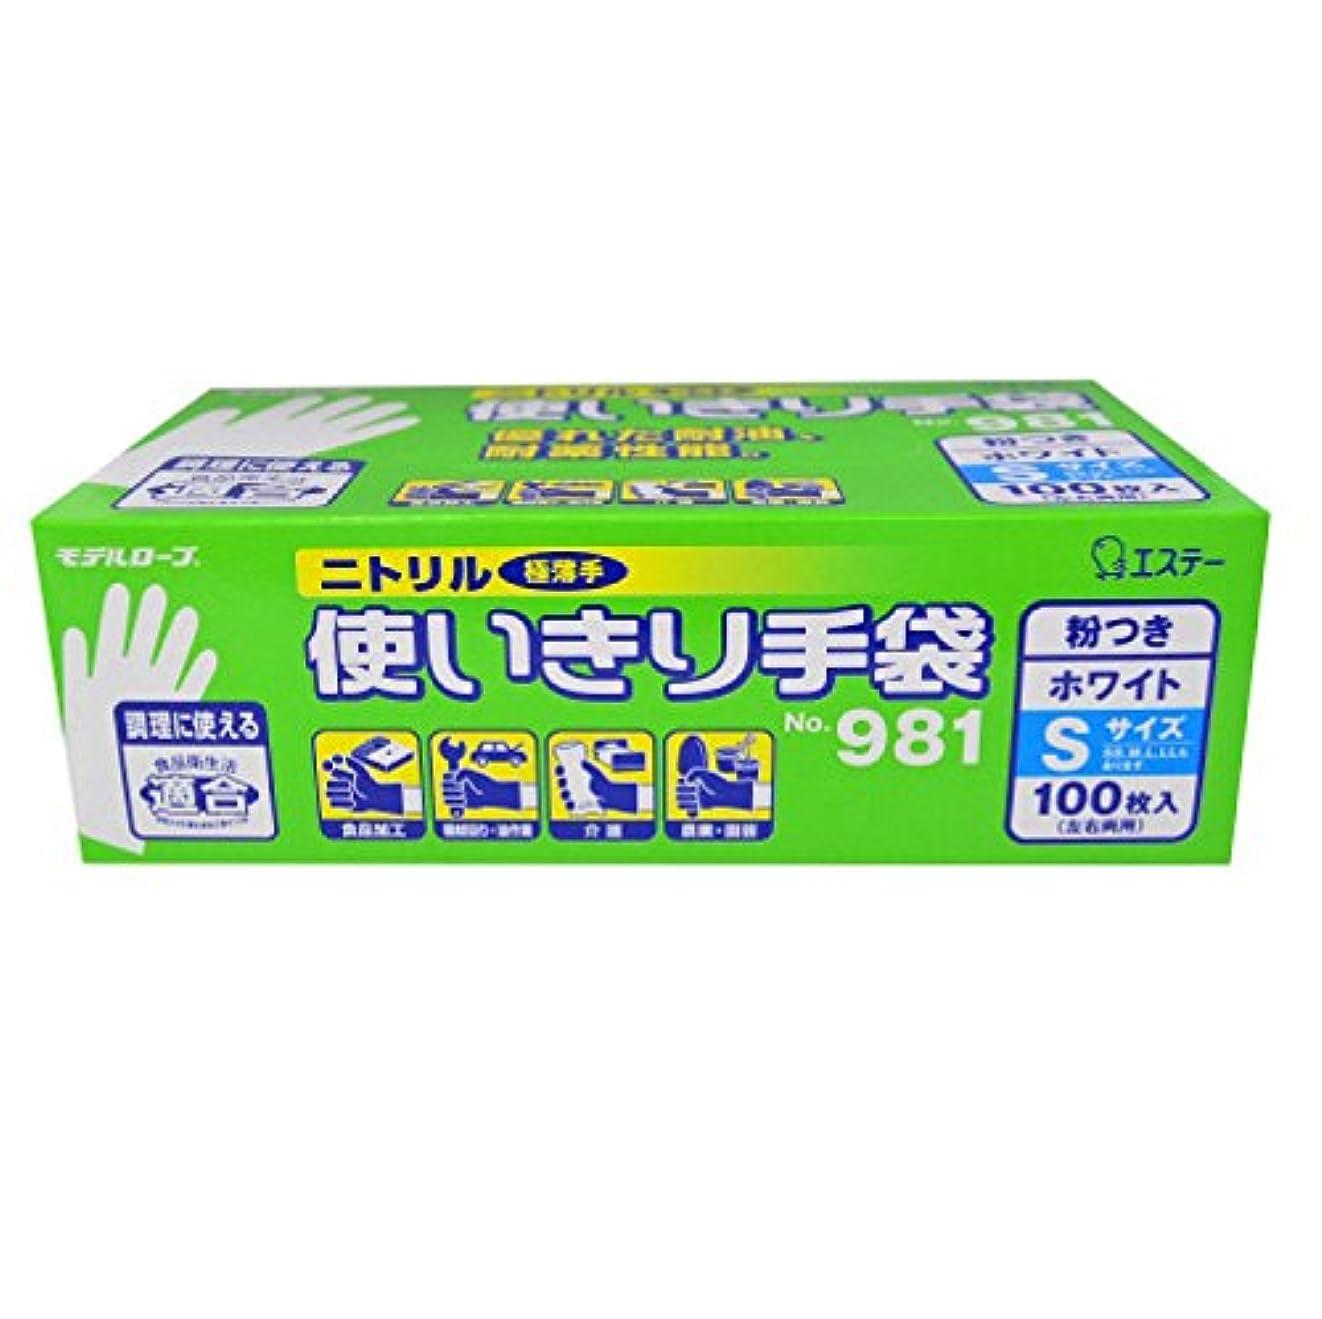 富花スクラッチエステー/ニトリル使いきり手袋 箱入 (粉つき) [100枚入]/品番:981 サイズ:L カラー:ブルー